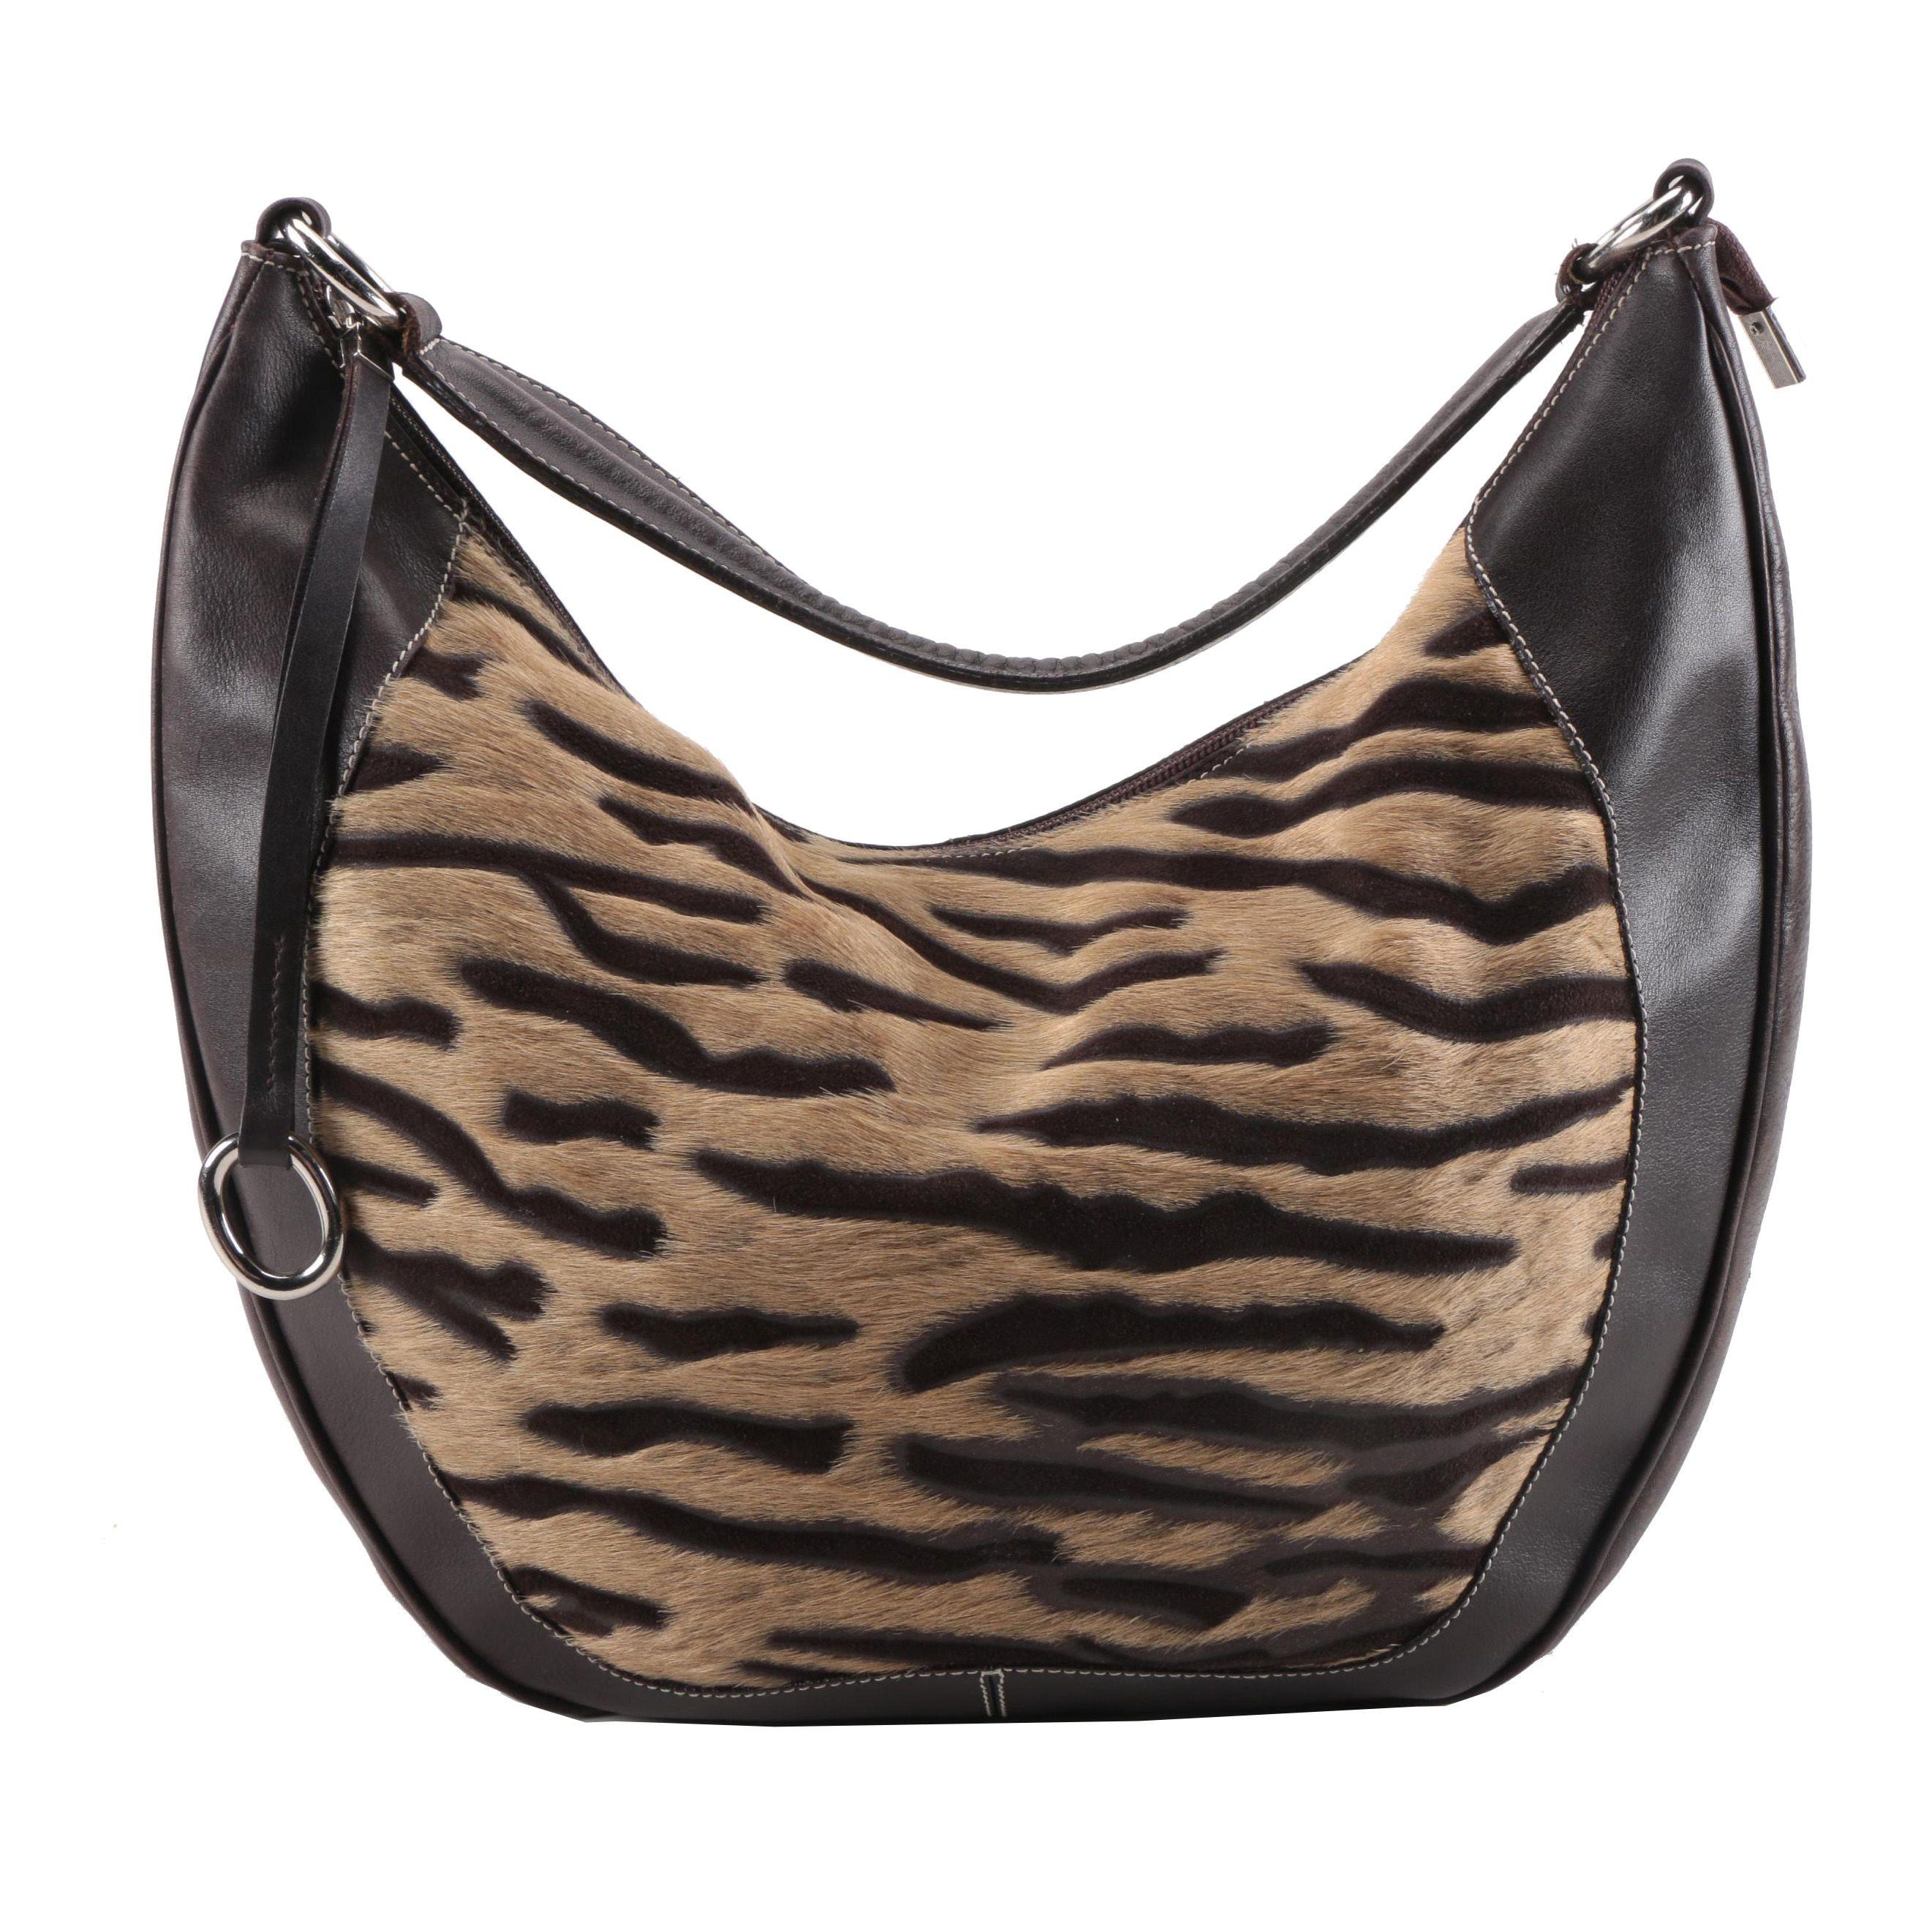 Puntotres Leather and Cowhide Shoulder Bag